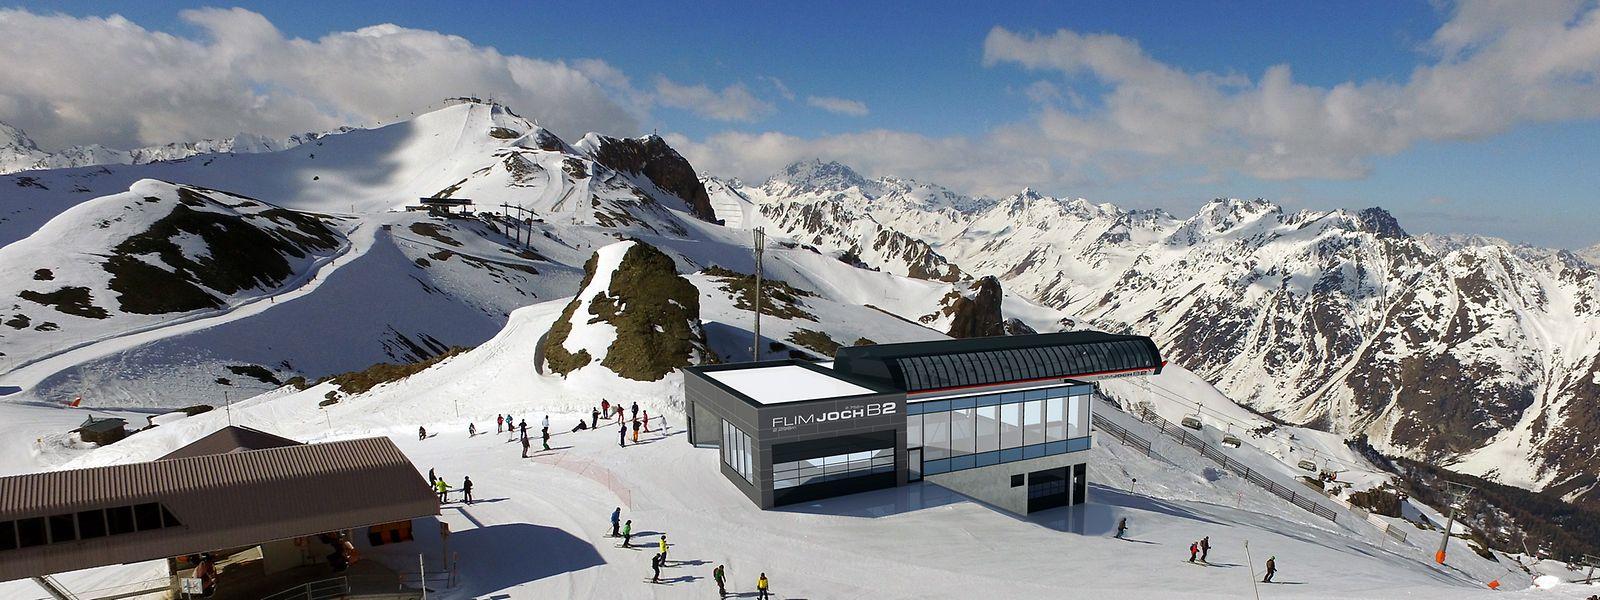 Eigentlich bekannt für seinen Skitourismus, erlangte Ischgl zu Beginn des Jahres 2020 traurige Berühmtheit durch das Corona-Missmanagement der lokalen Behörden.